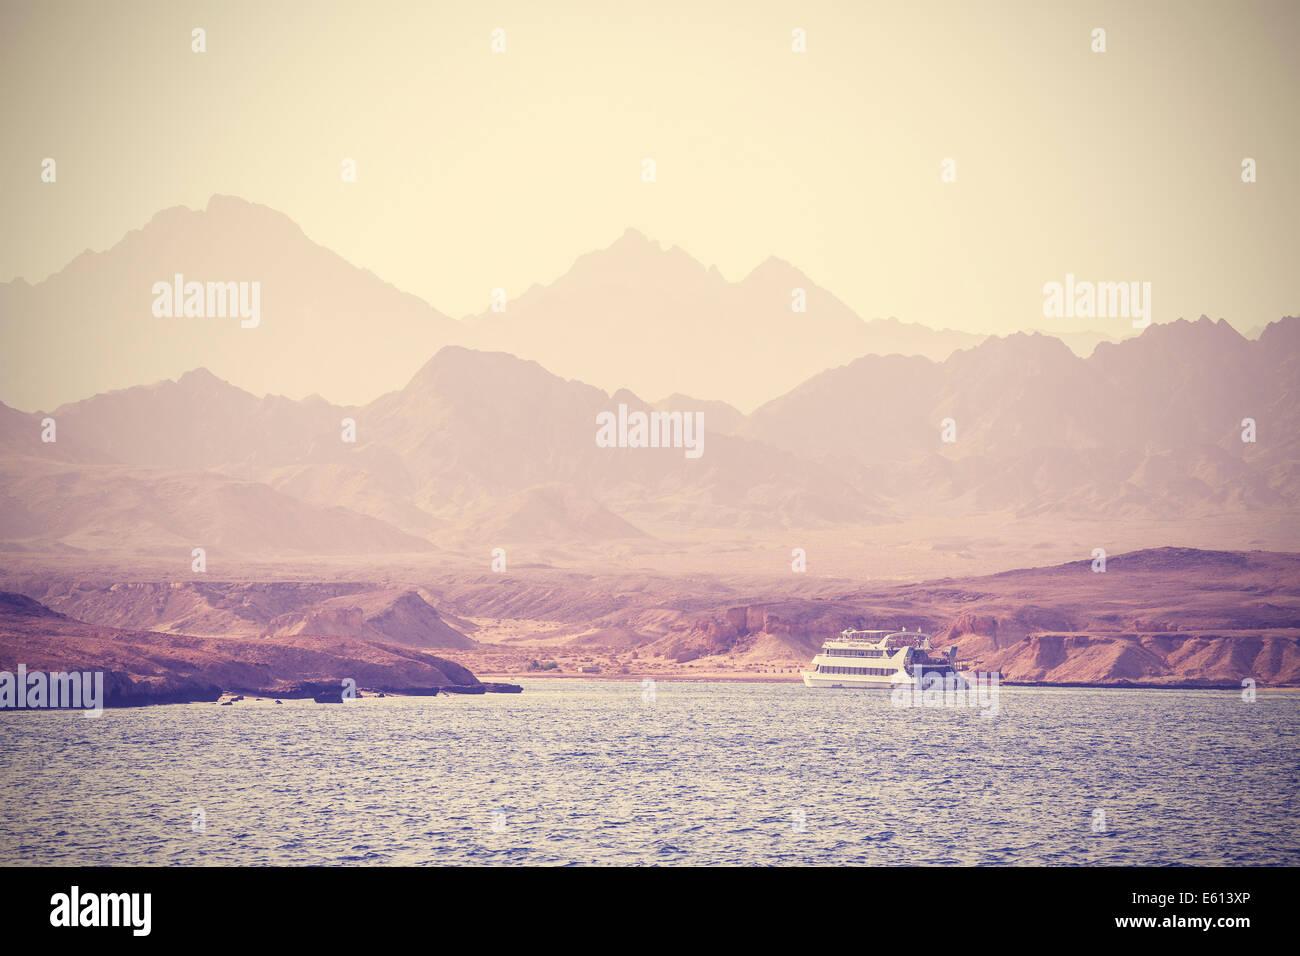 Vintage imagen de un barco en el mar en Egipto. Imagen De Stock